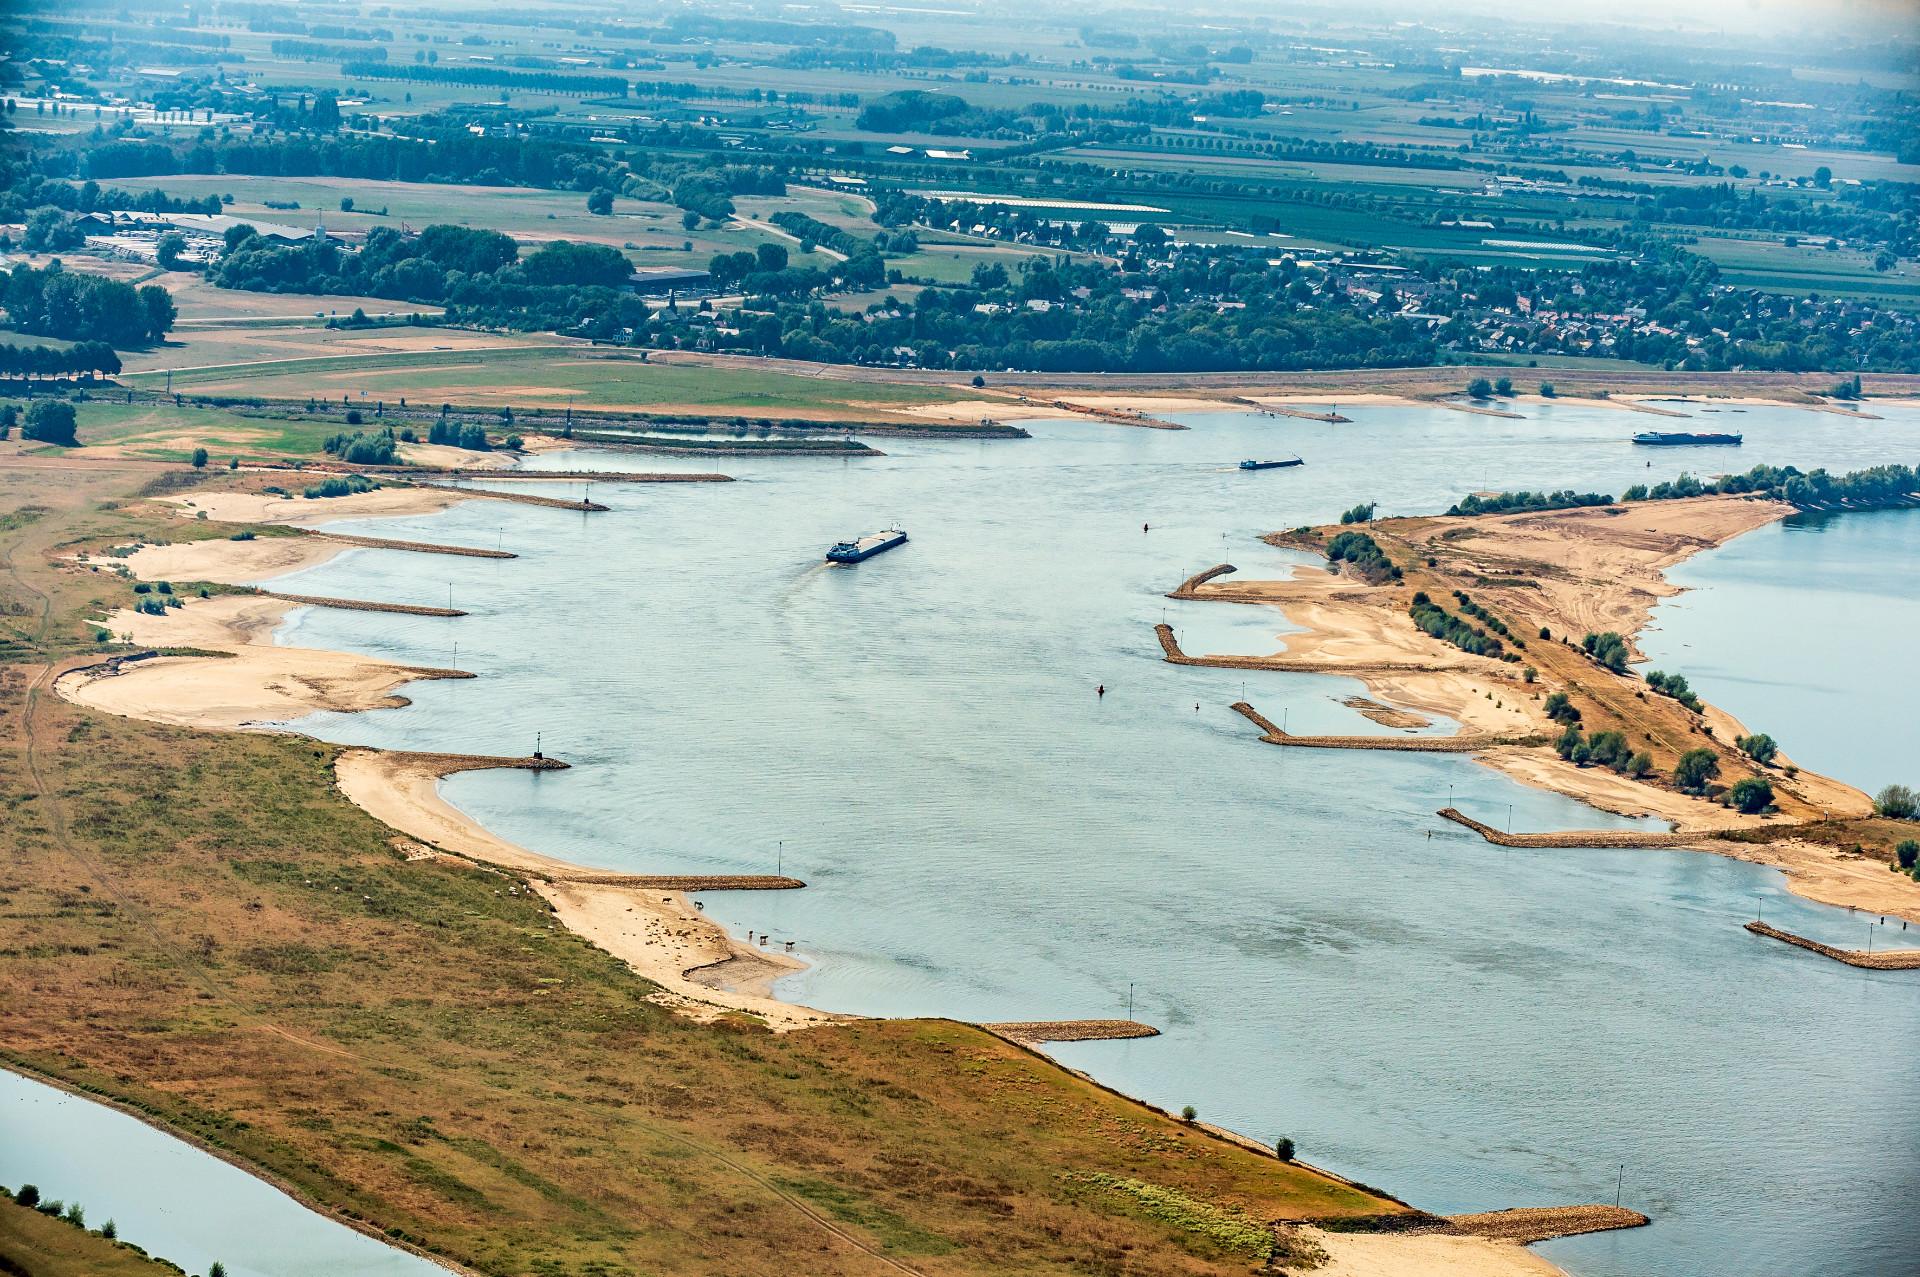 Volgens onderzoekers heeft de 159 dagen durende laagwaterperiode in de zomer van 2018 de samenleving zo'n 2,7 miljard euro gekost. (Archieffoto Rijkswaterstaat)